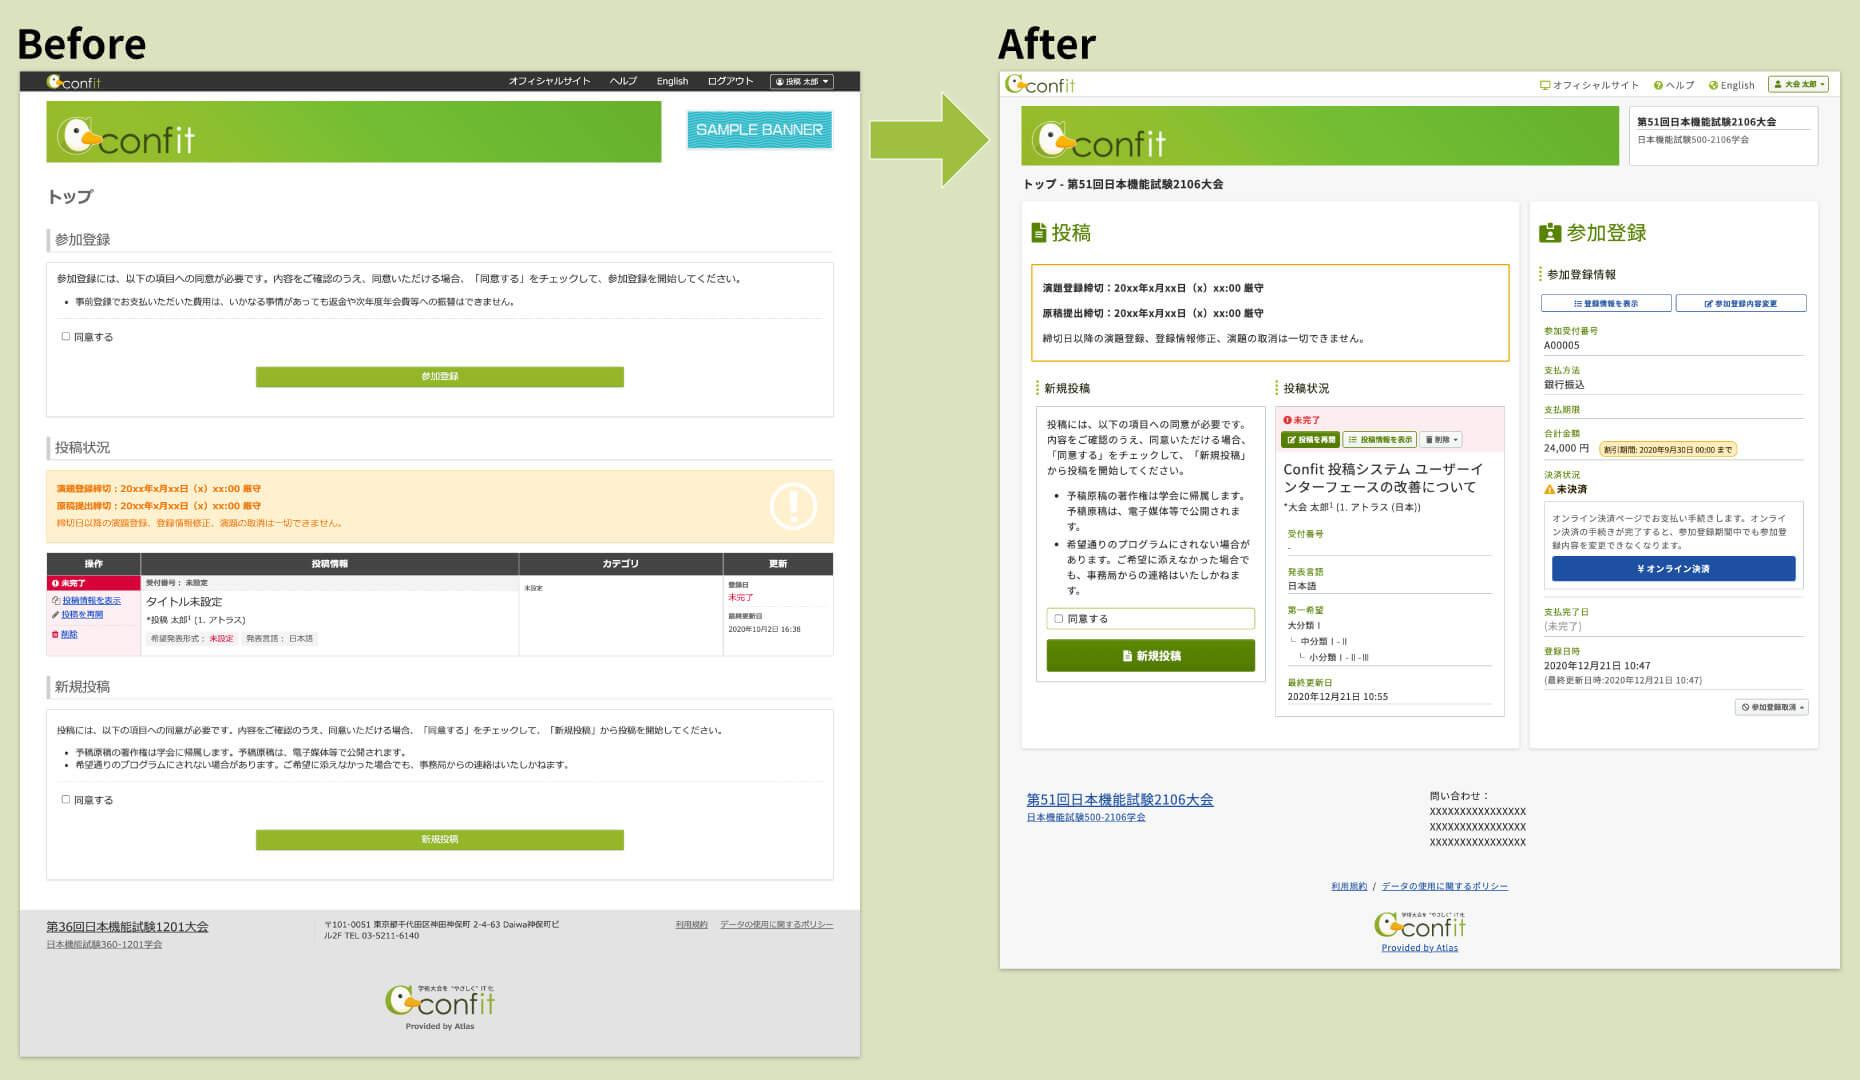 投稿機能のUIのビフォアアフターを示した画面キャプチャ